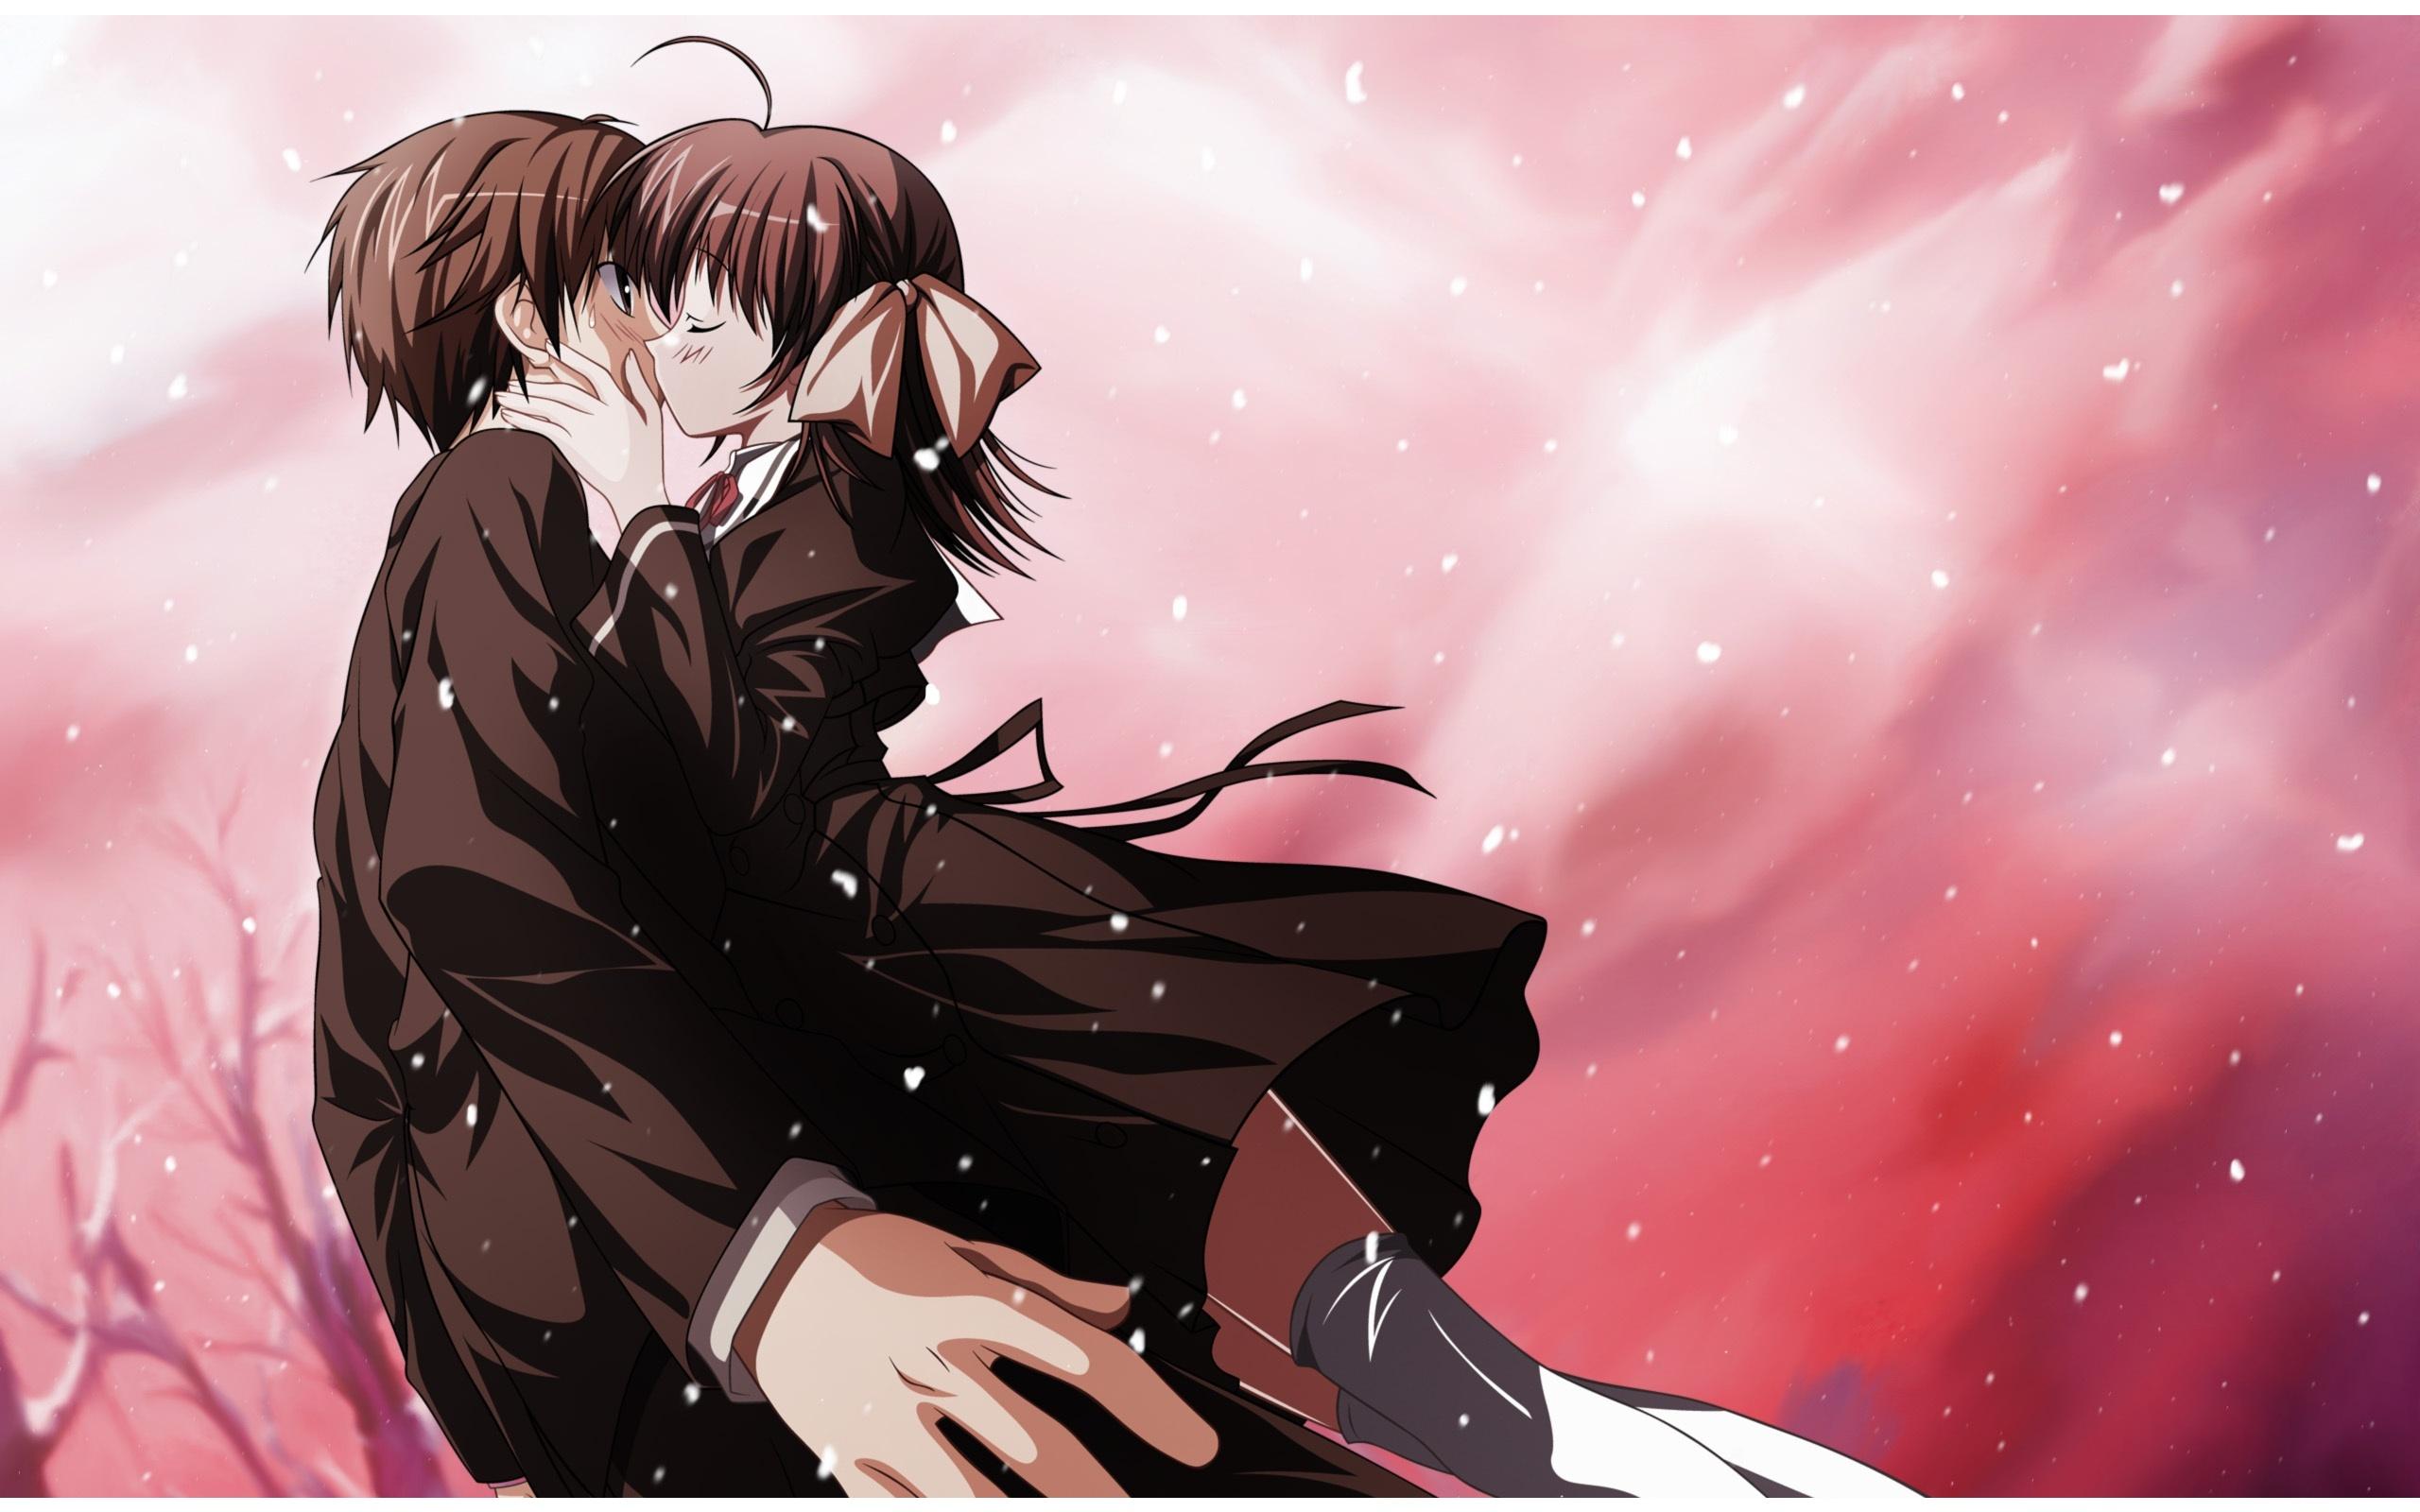 anime kiss wallpapers - wallpapersafari